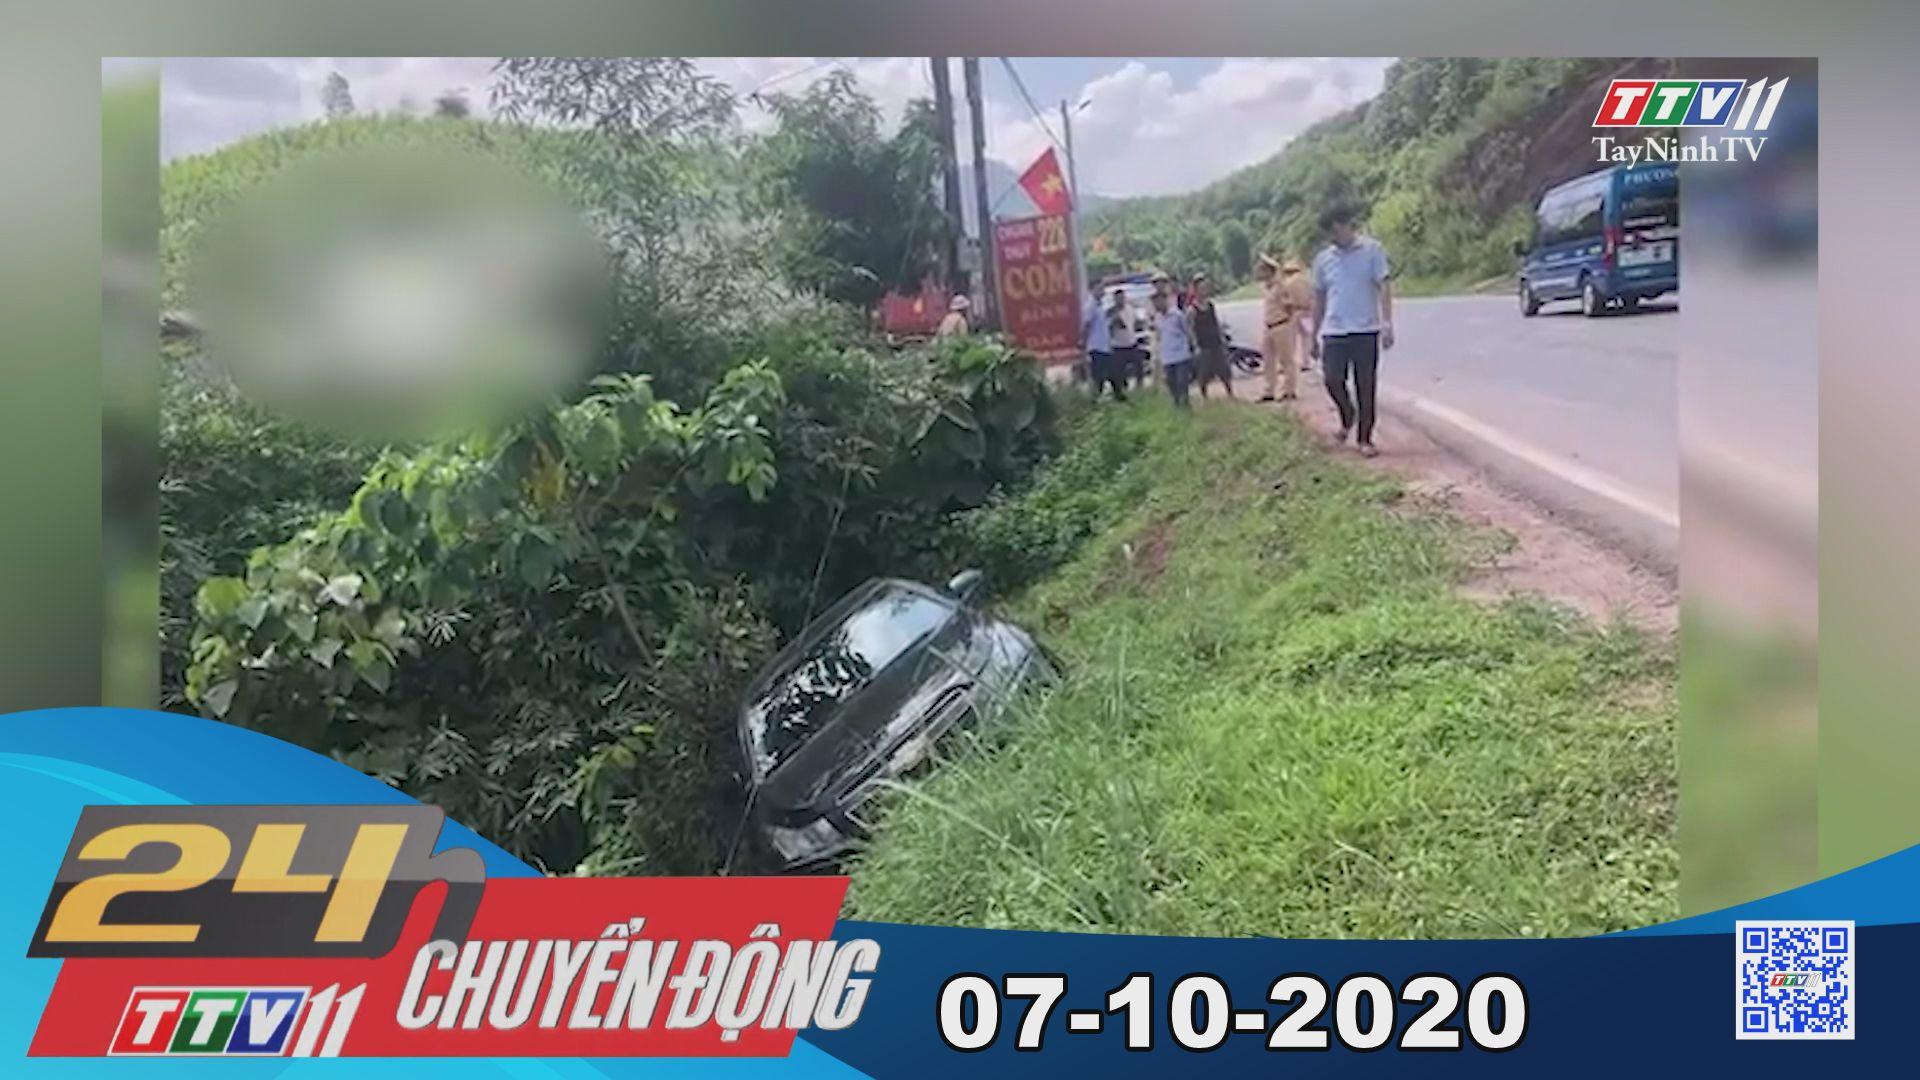 24h Chuyển động 07-10-2020 | Tin tức hôm nay | TayNinhTV